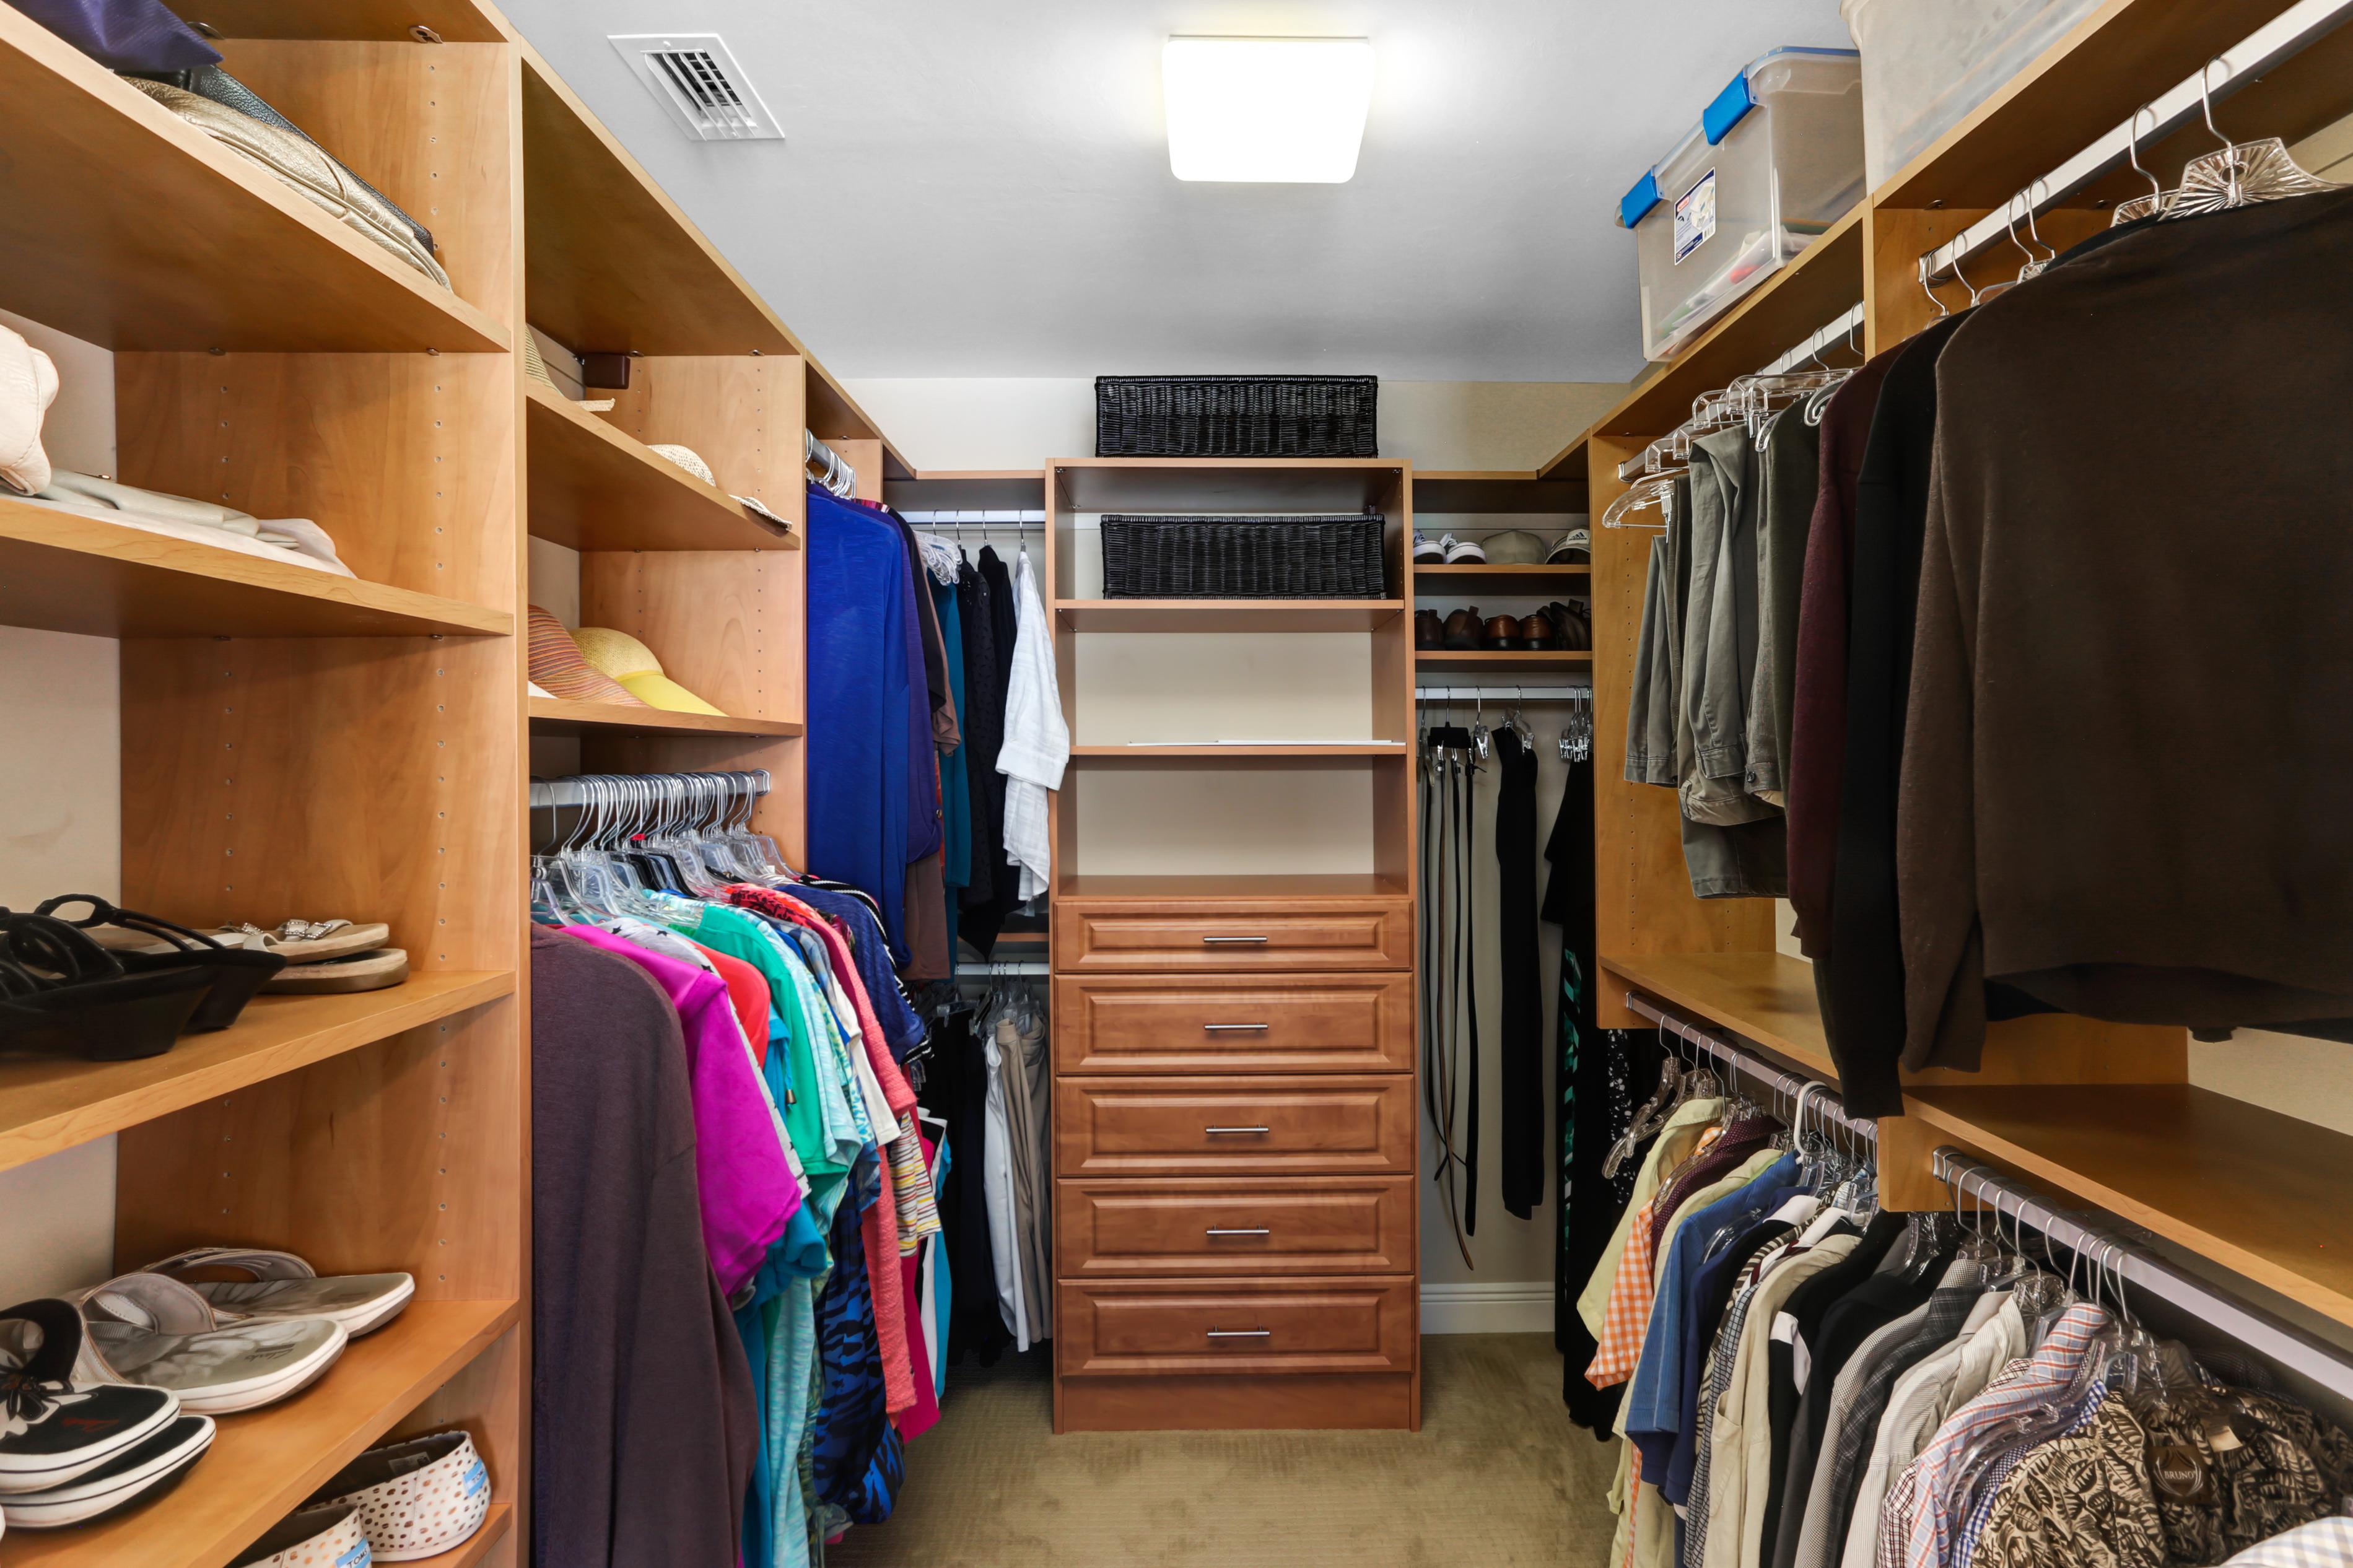 4951 Bonita Bay Blvd Unit 1504-print-018-11-3K0A55711-3799x2532-300dpi